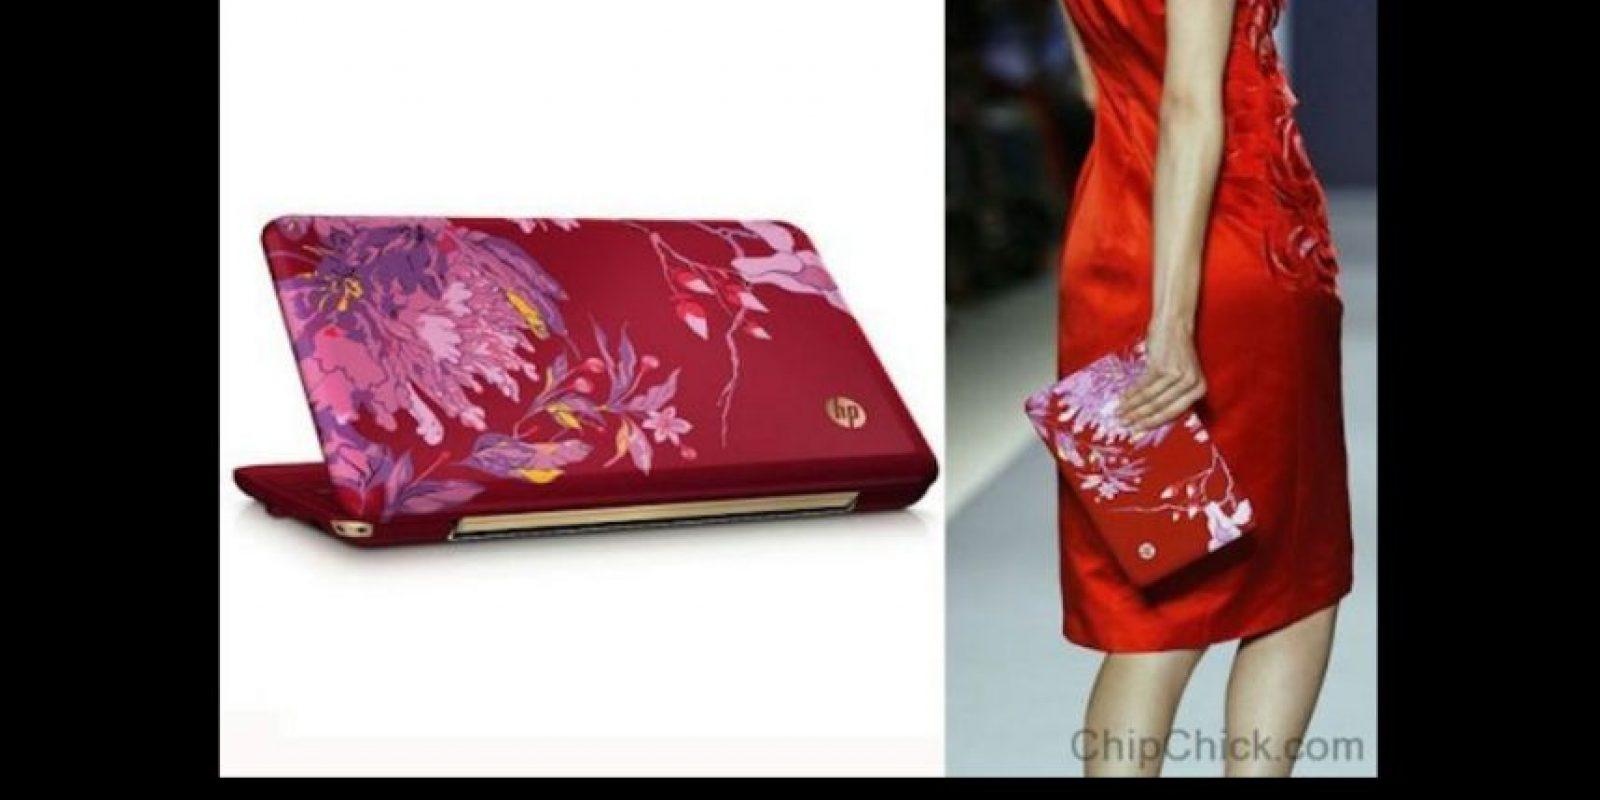 La notebook Digital Clutch fue diseñada por Vivenne Tam, experta en modas de Nueva York Foto:HP